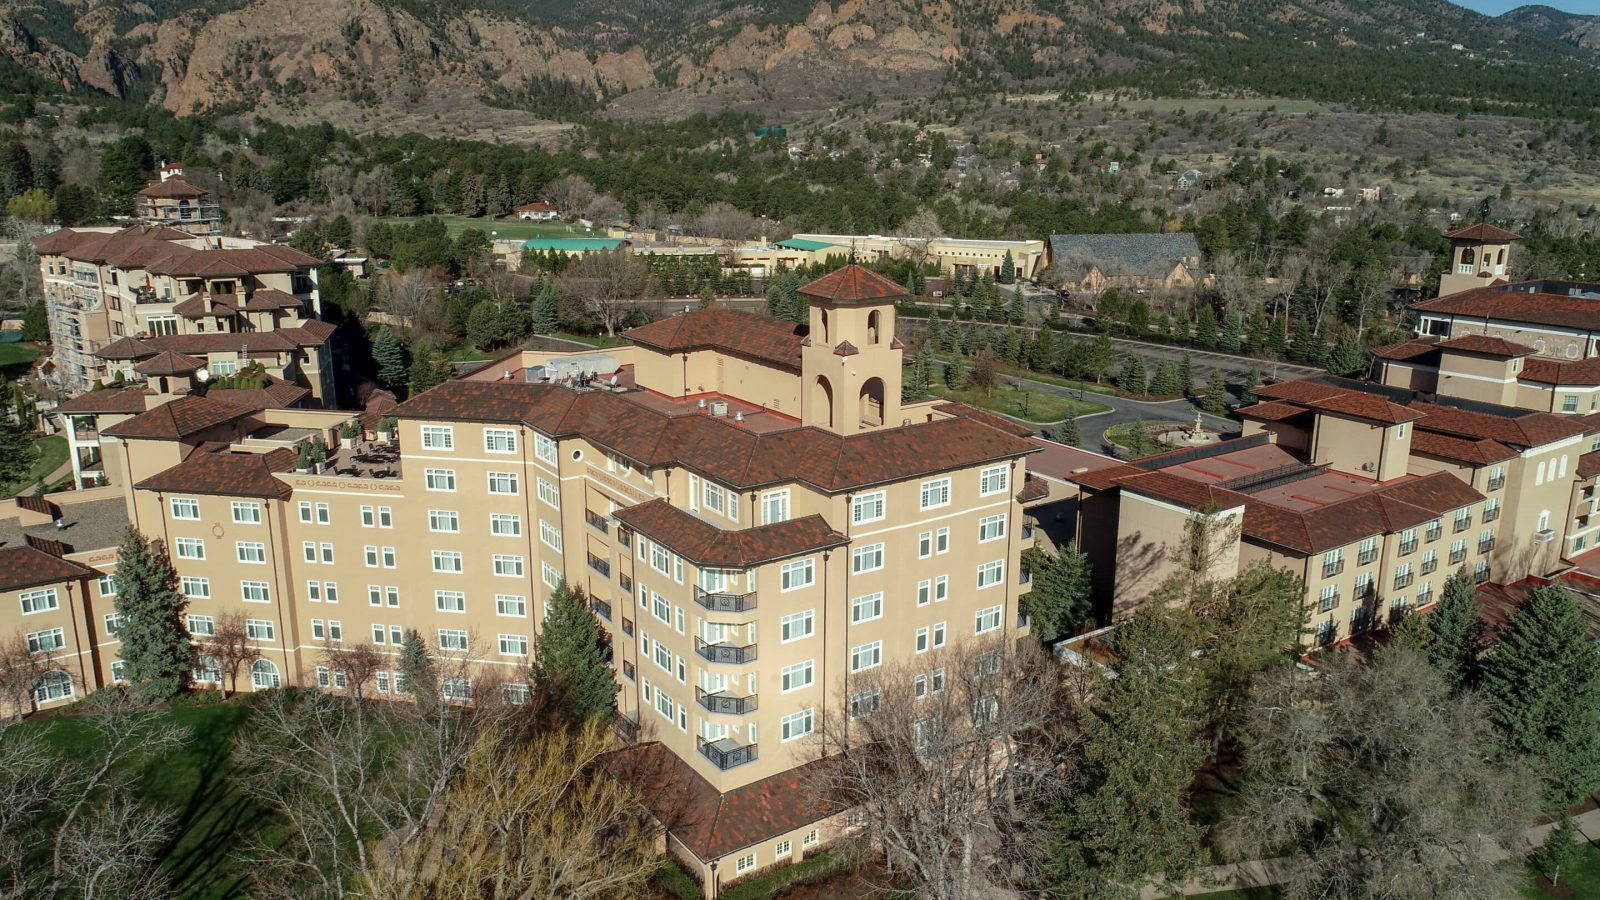 Broadmoor Roof